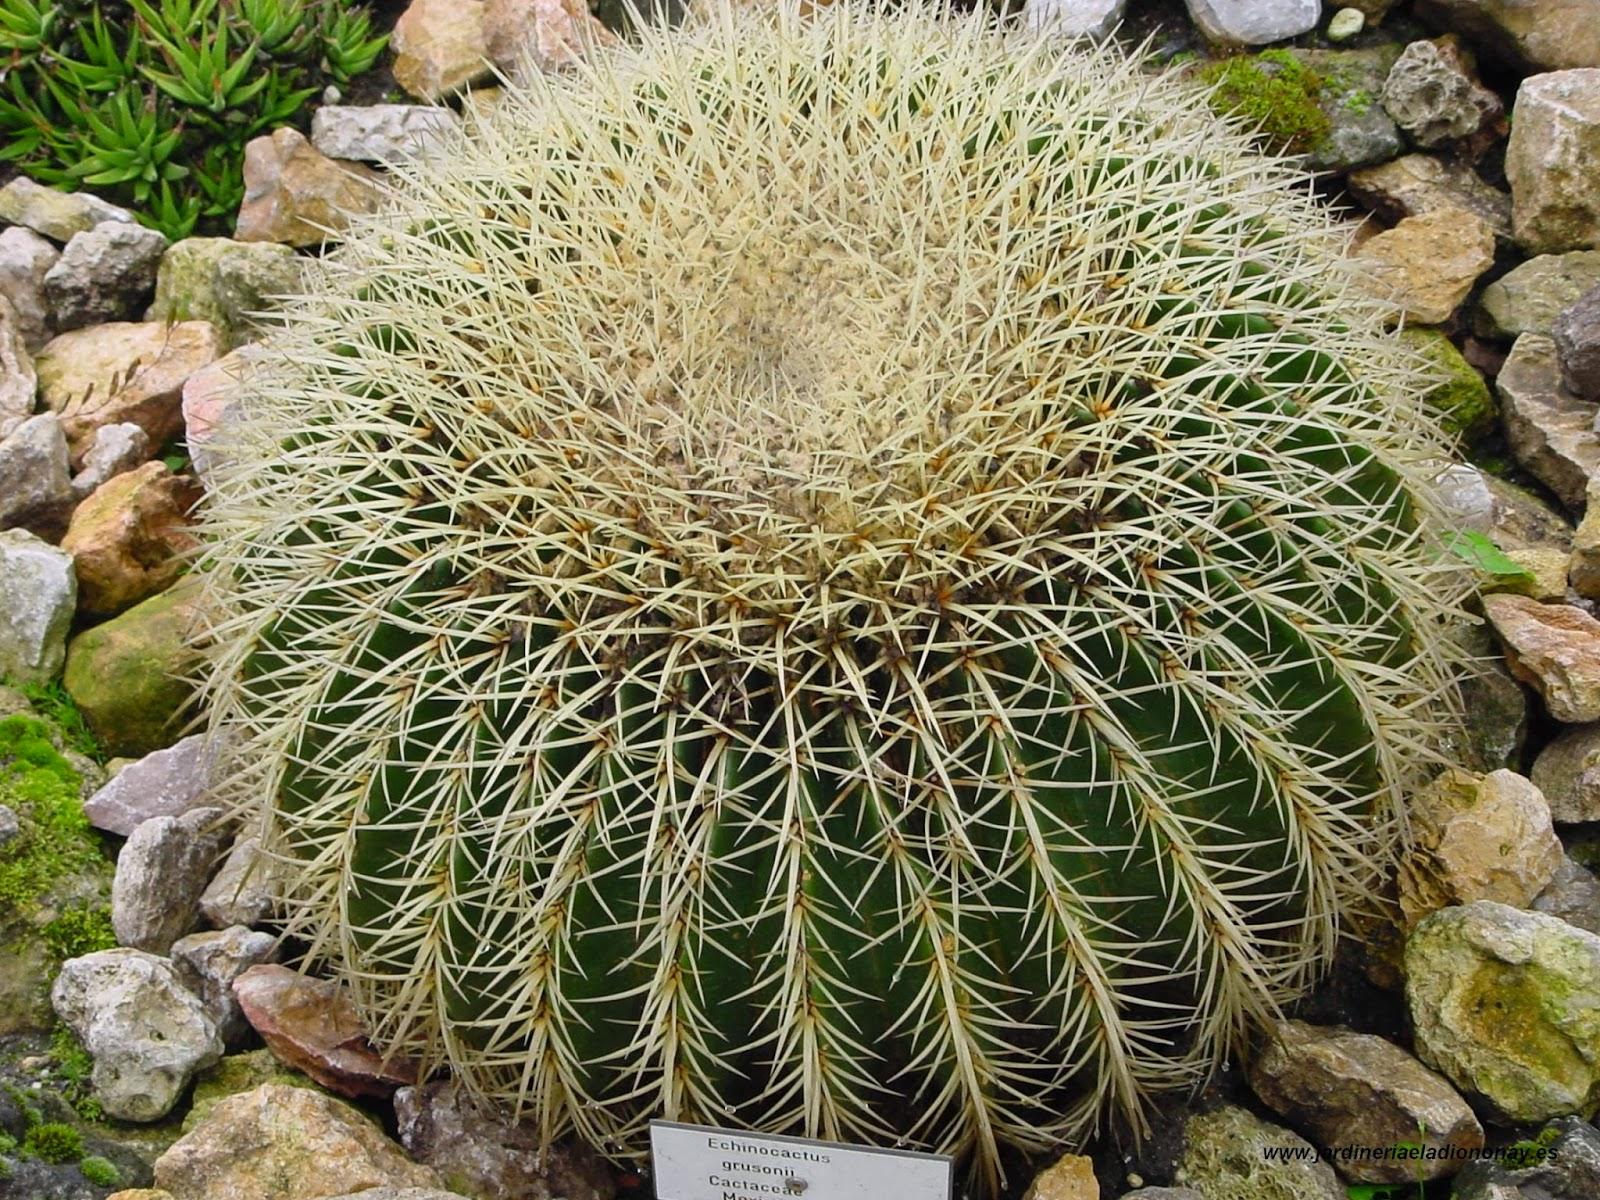 Jardineria eladio nonay echinocactus grusonii o asiento for Informacion sobre el cactus